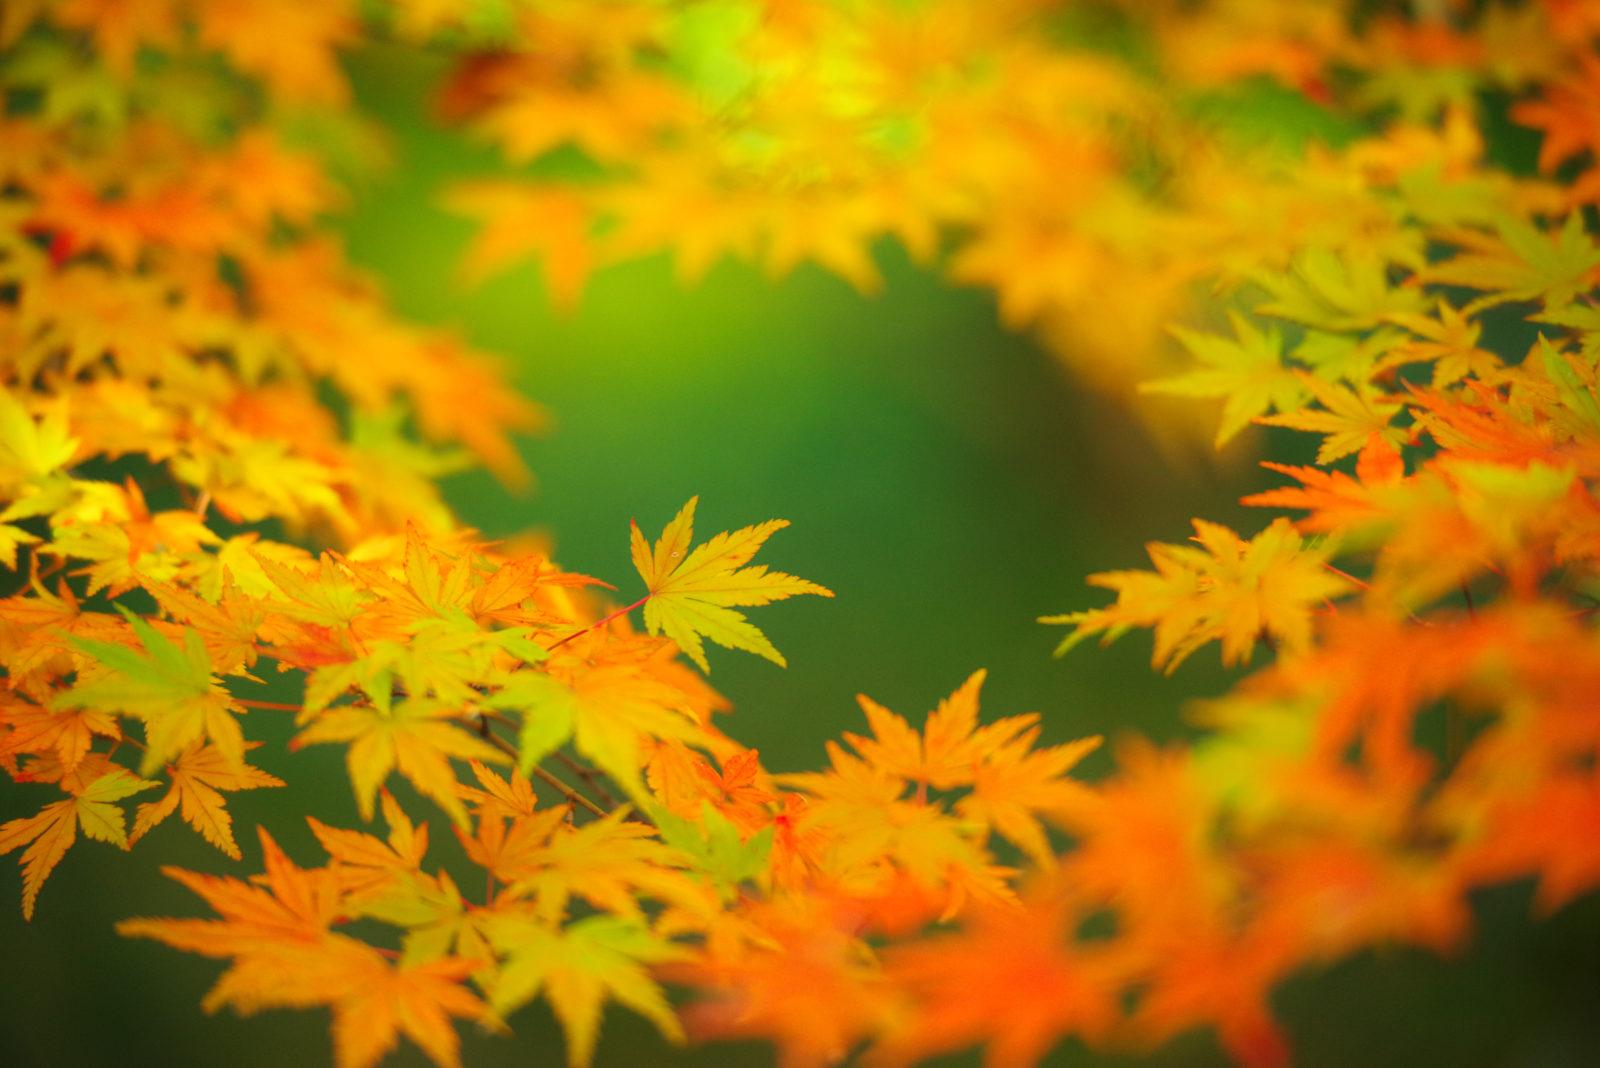 昭和記念公園の紅葉 | PENTAX K-1&D FA★70-200mm